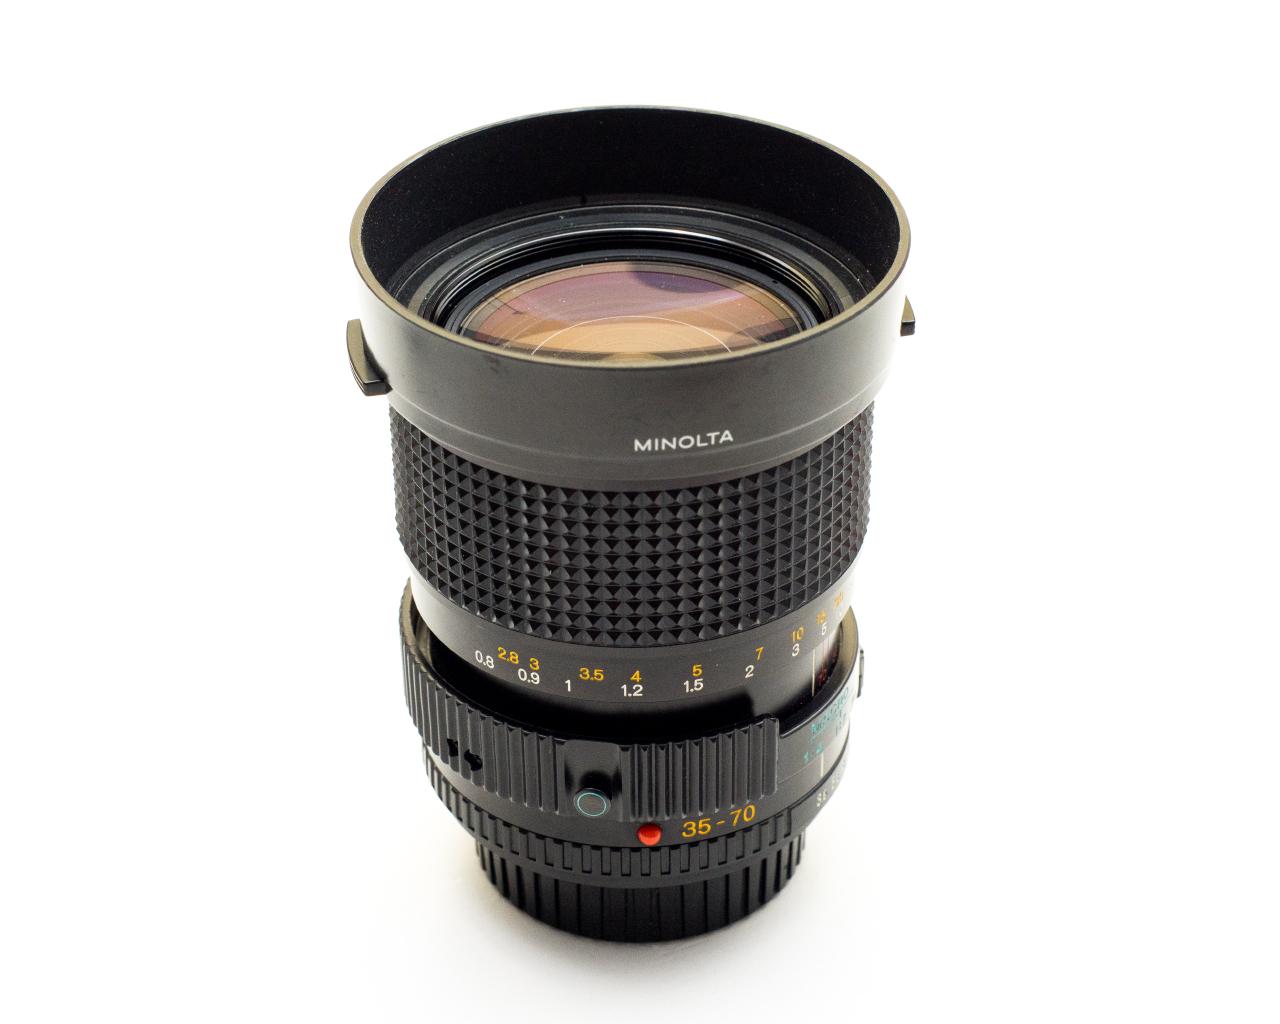 上图使用 Minolta MD 35-70mm f/3.5 拍摄